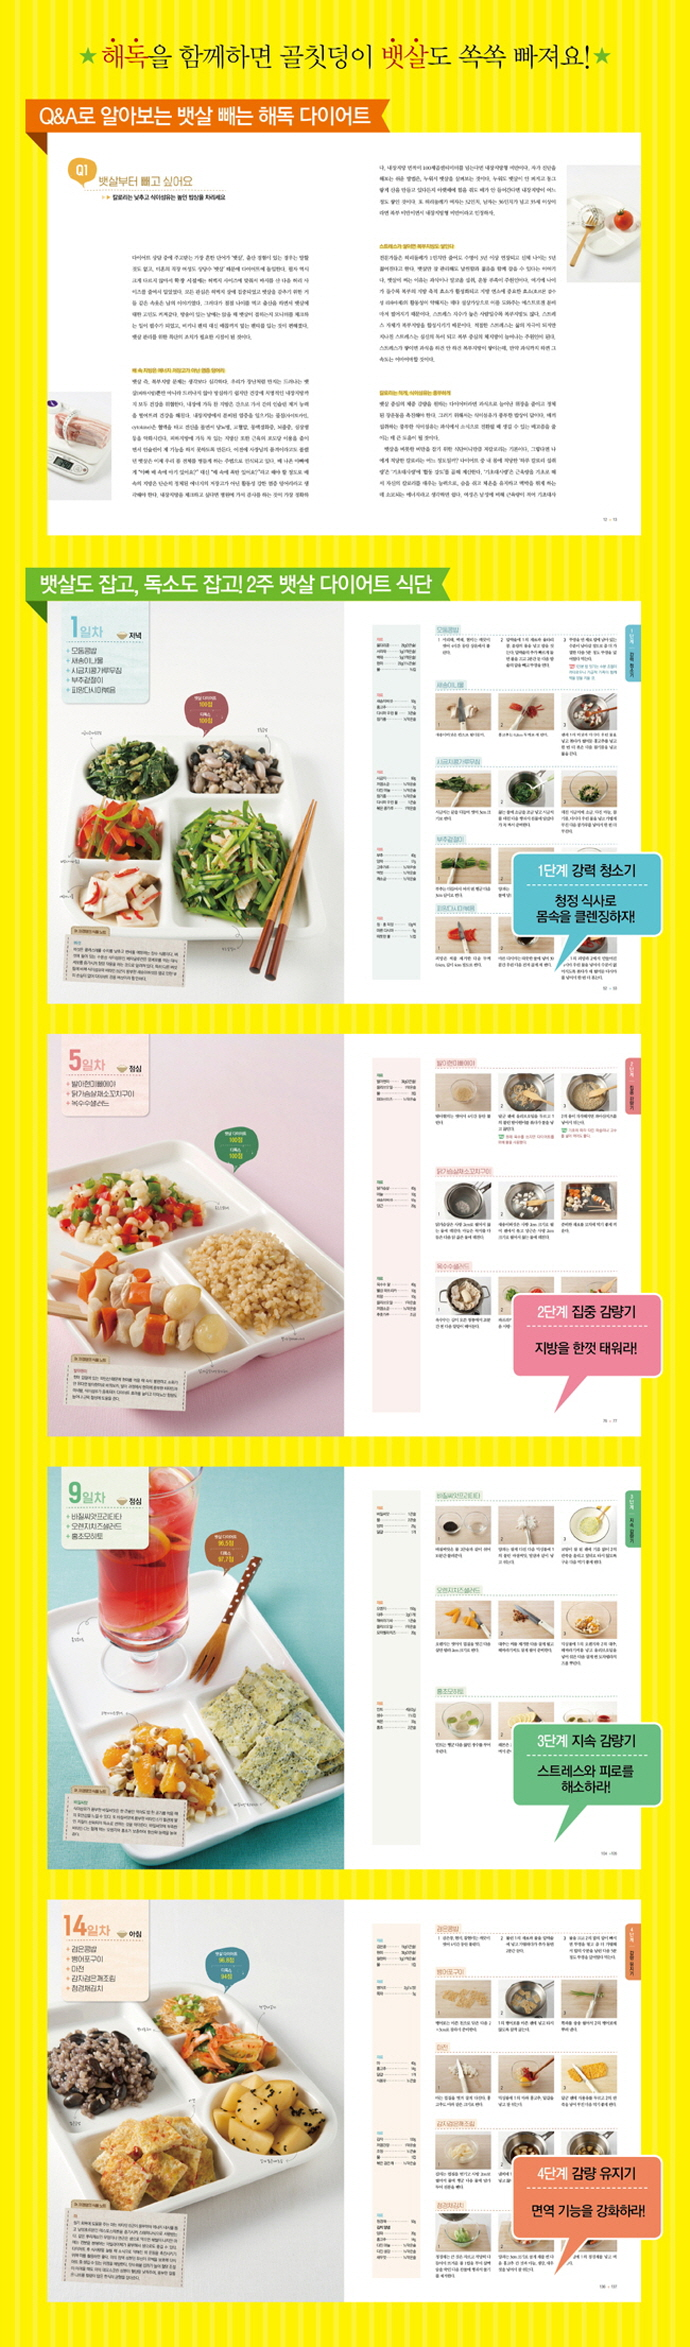 뱃살 빼는 해독밥상(34kg 감량한 이경영 박사의) 도서 상세이미지